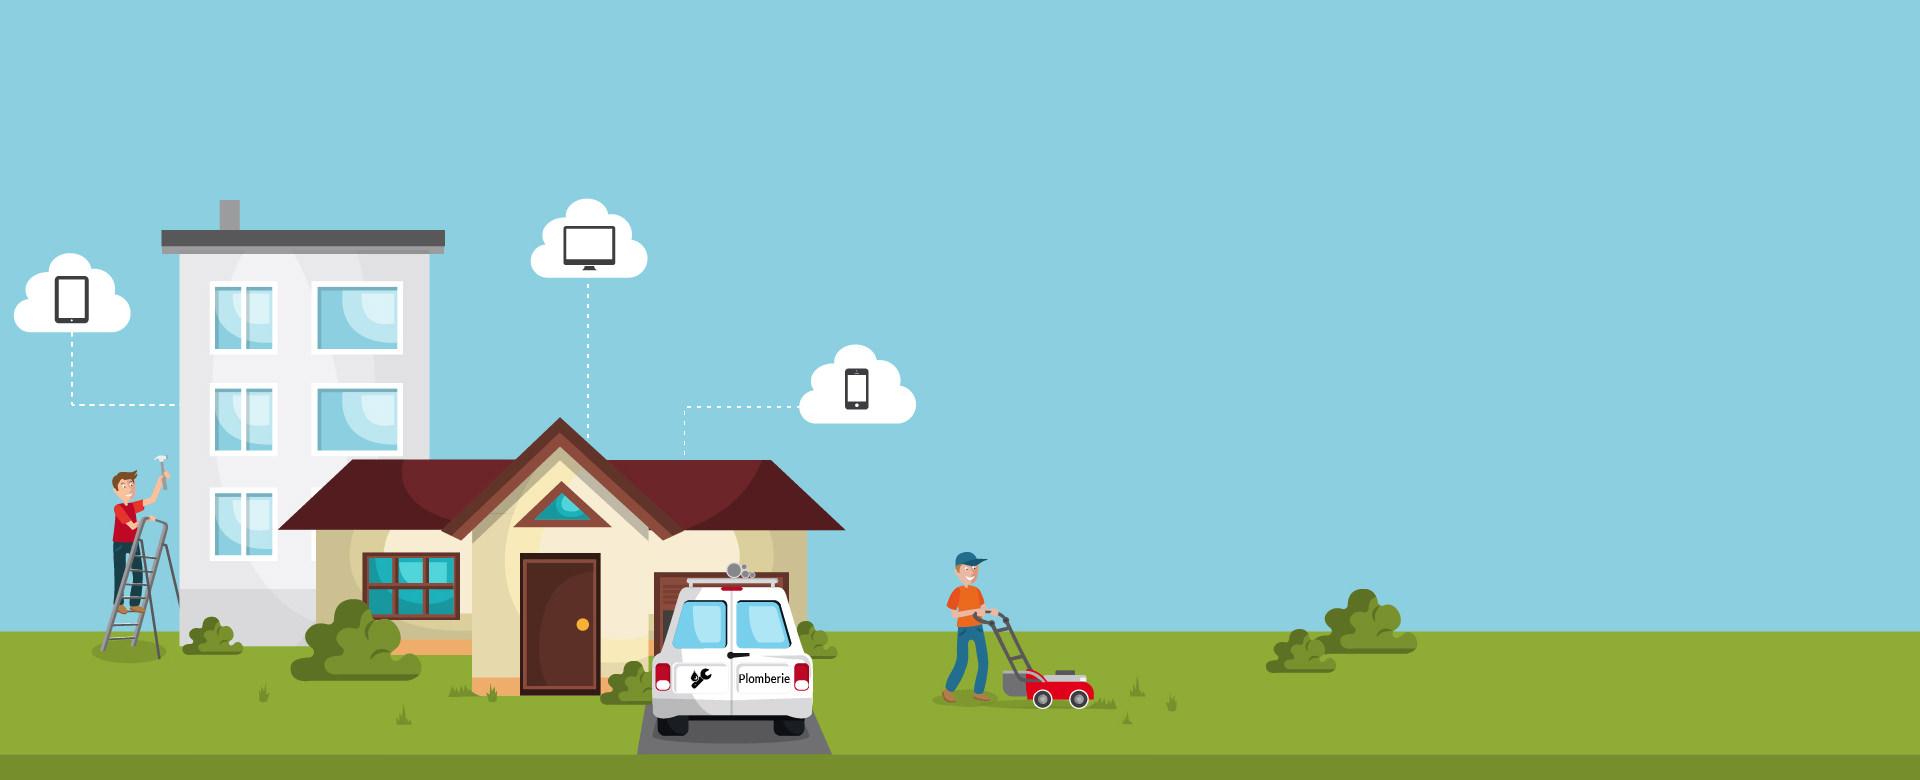 Carnet numérique de la maison